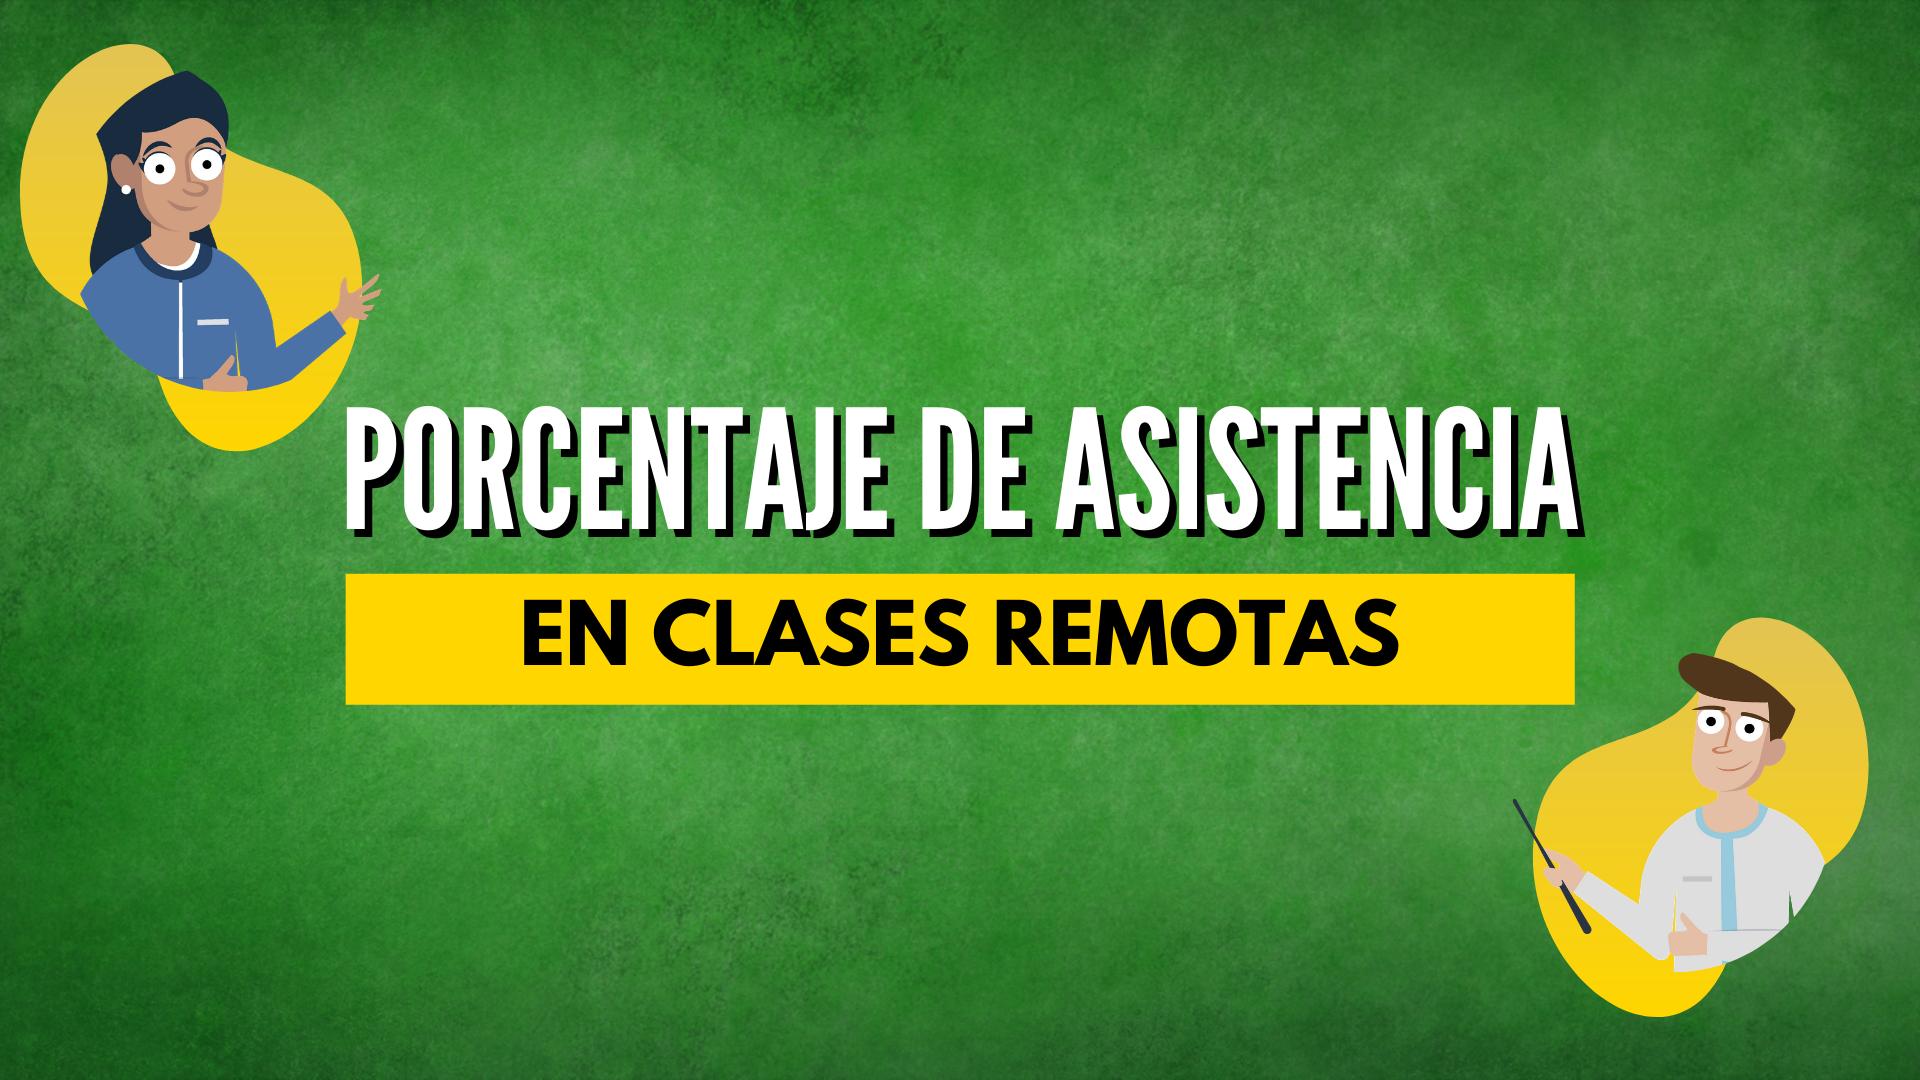 POSITIVO PORCENTAJE DE ASISTENCIA EN CLASES REMOTAS